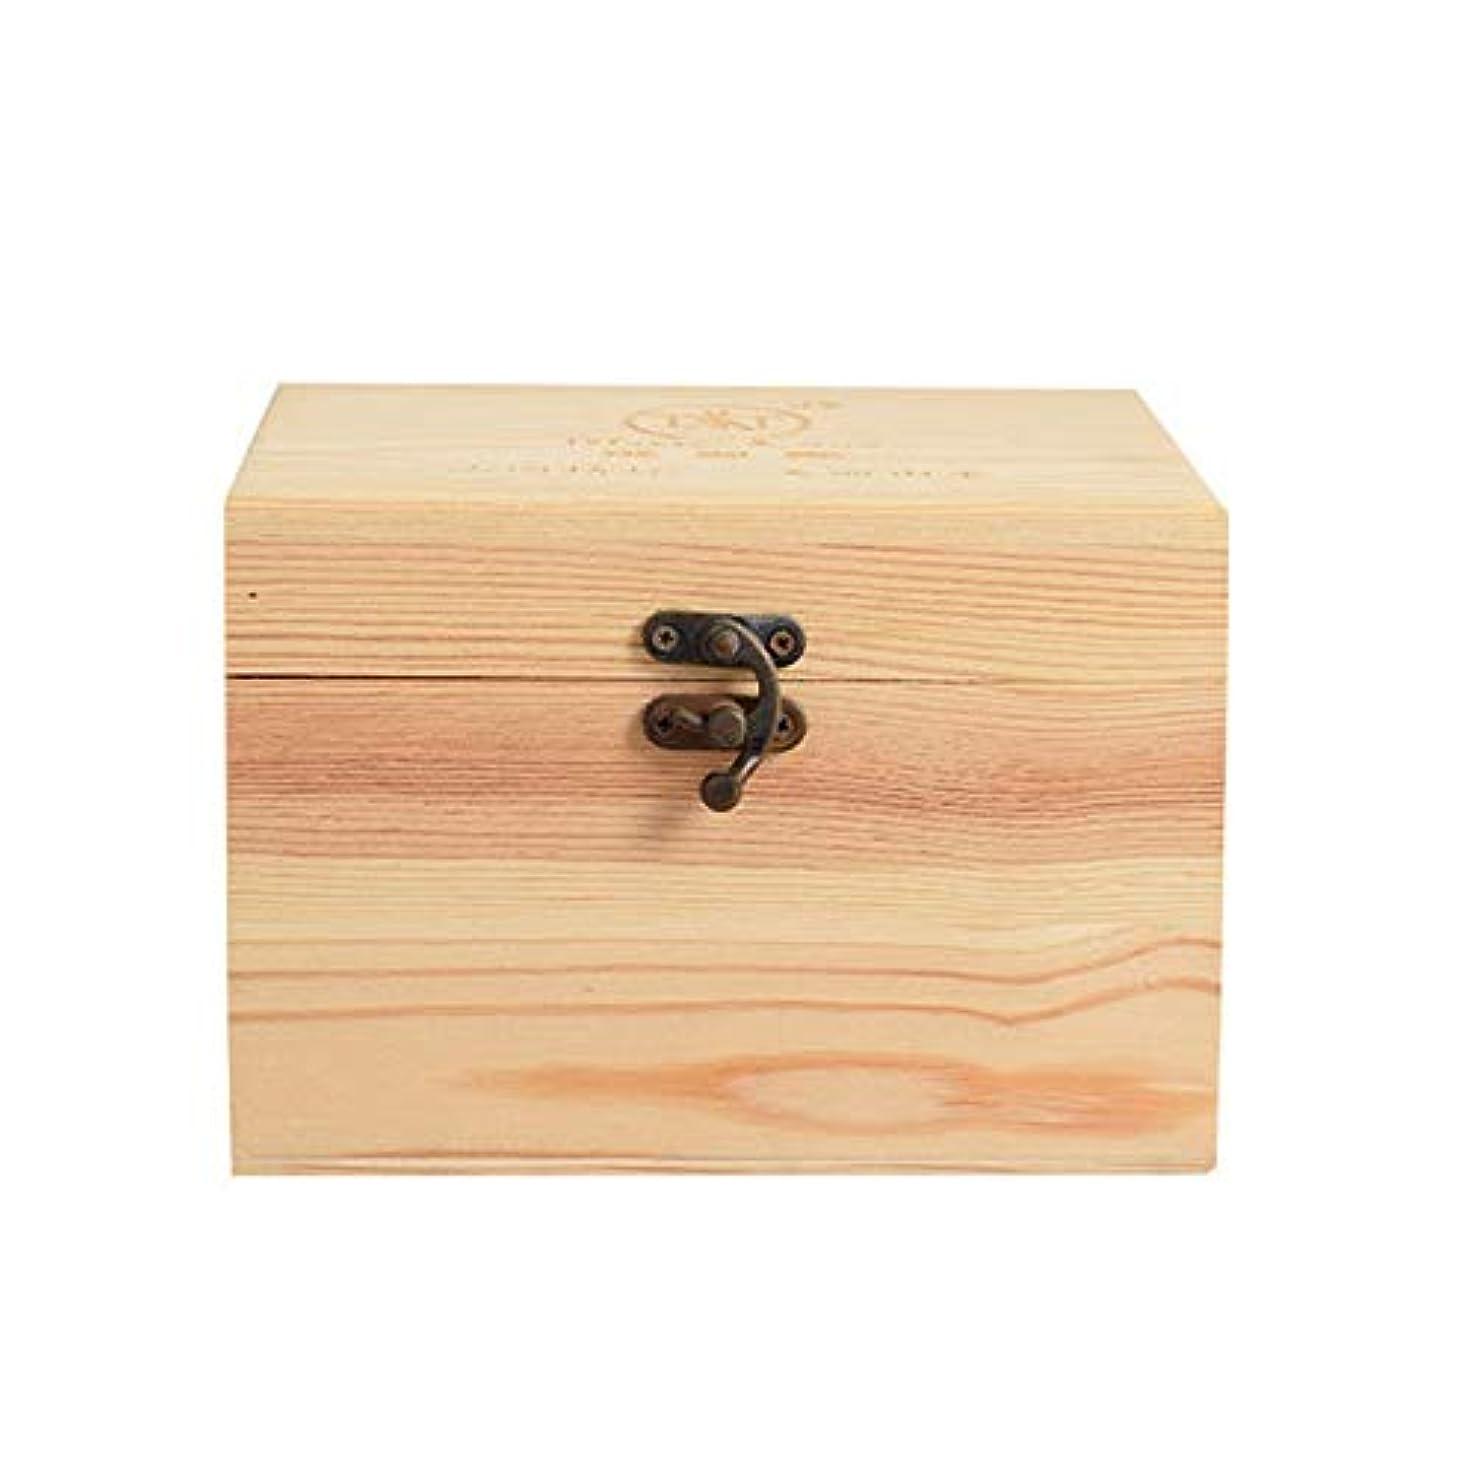 ニュージーランド闘争超越するプレゼンテーションのために9ボトル木製エッセンシャルオイルストレージボックスパーフェクトエッセンシャルオイルケースは被害太陽光からあなたの油を保護します アロマセラピー製品 (色 : Natural, サイズ : 16.5X11.5X15CM)